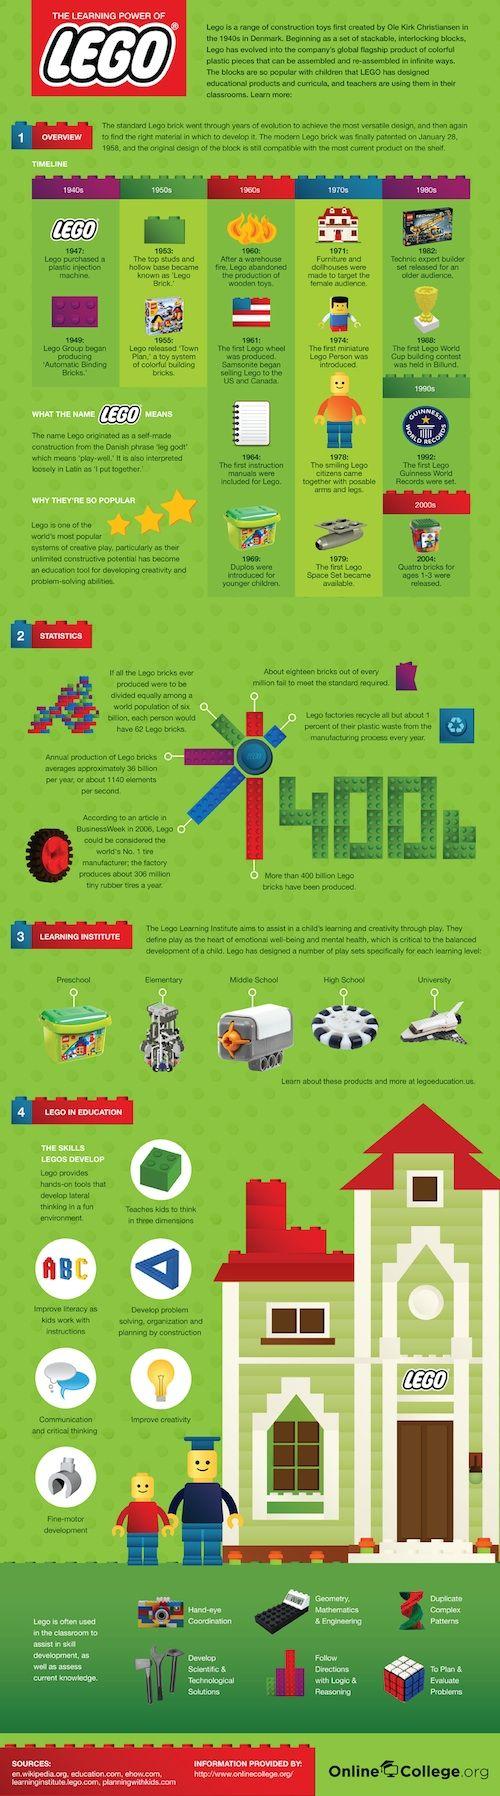 Un' infografica spiega come migliorare l'apprendimento con i celebri mattoncini colorati.